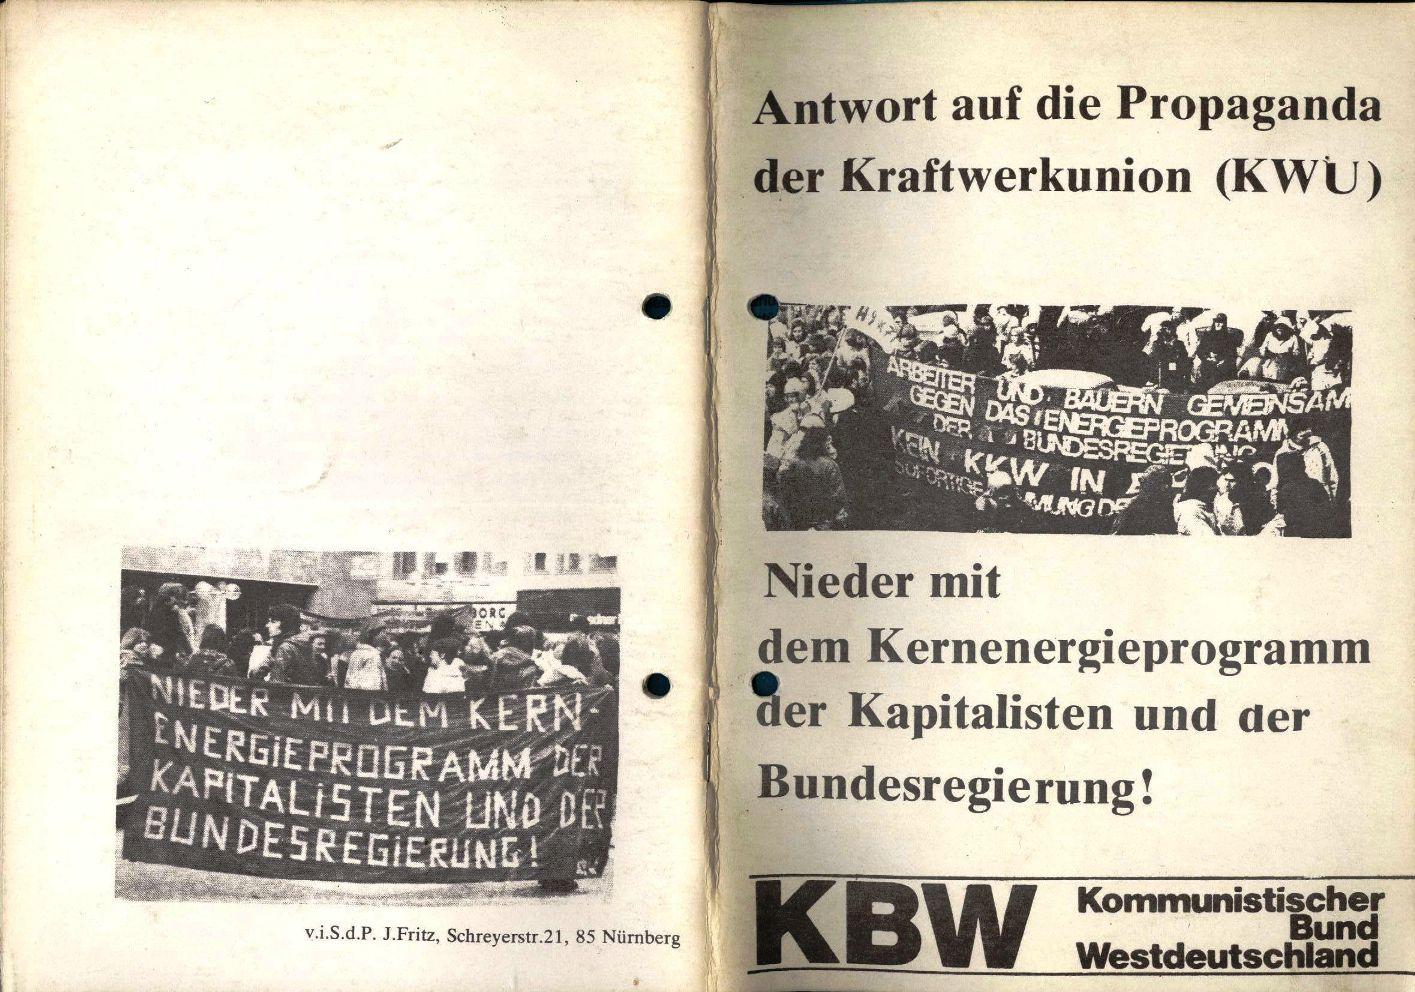 KBW_Mittelfranken001